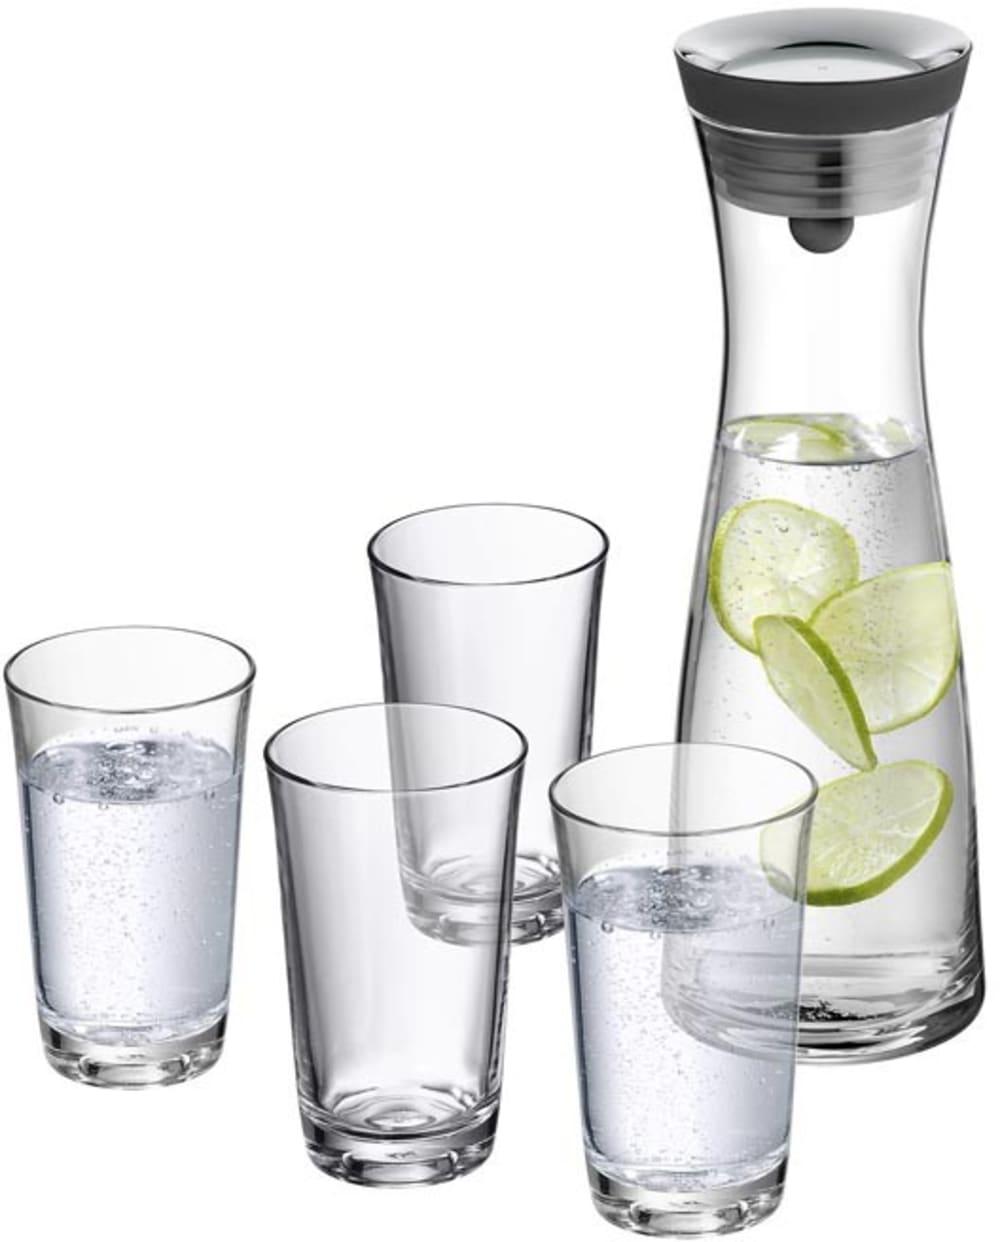 WMF - Karafka na wodę 1l ze szklankami, Basic